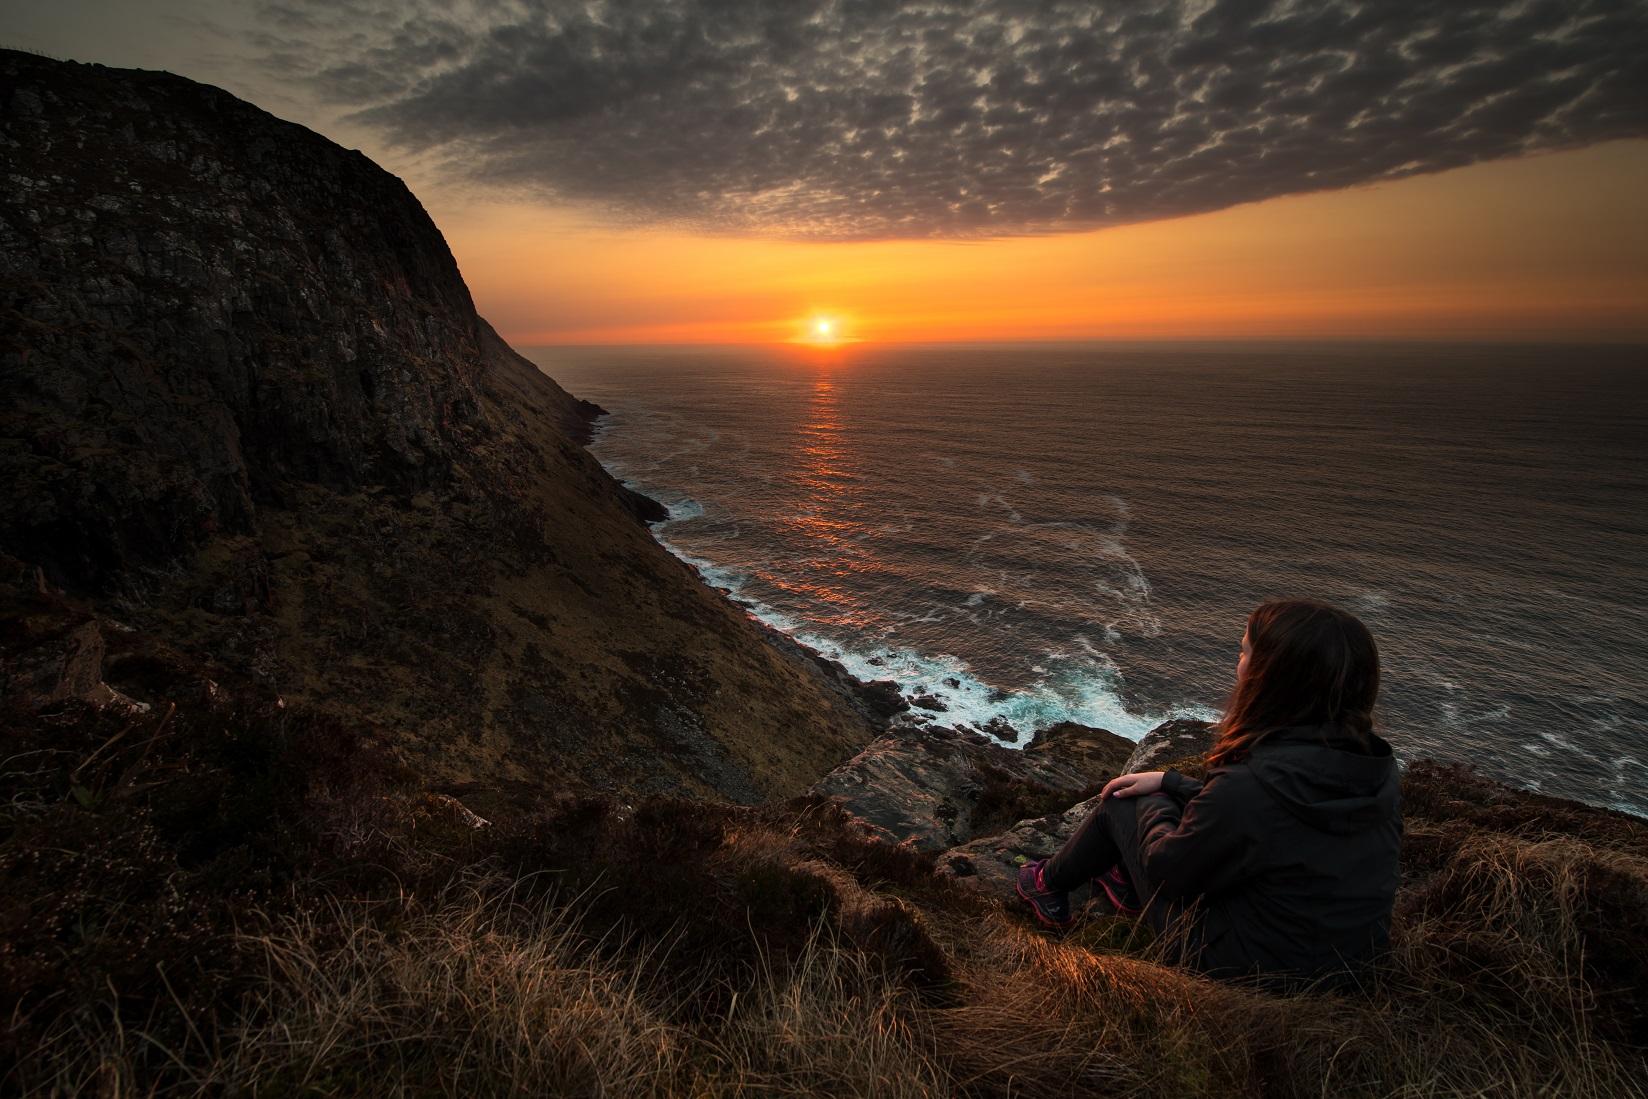 Solnedgang-Runde-utsikt-fuglefjell-Havlandet-Fosnavaag-reisegude-reiseapp-lydguide-app-mobilguide-Voice-Of-Norway-Foto-Kristoffer-Ytterland